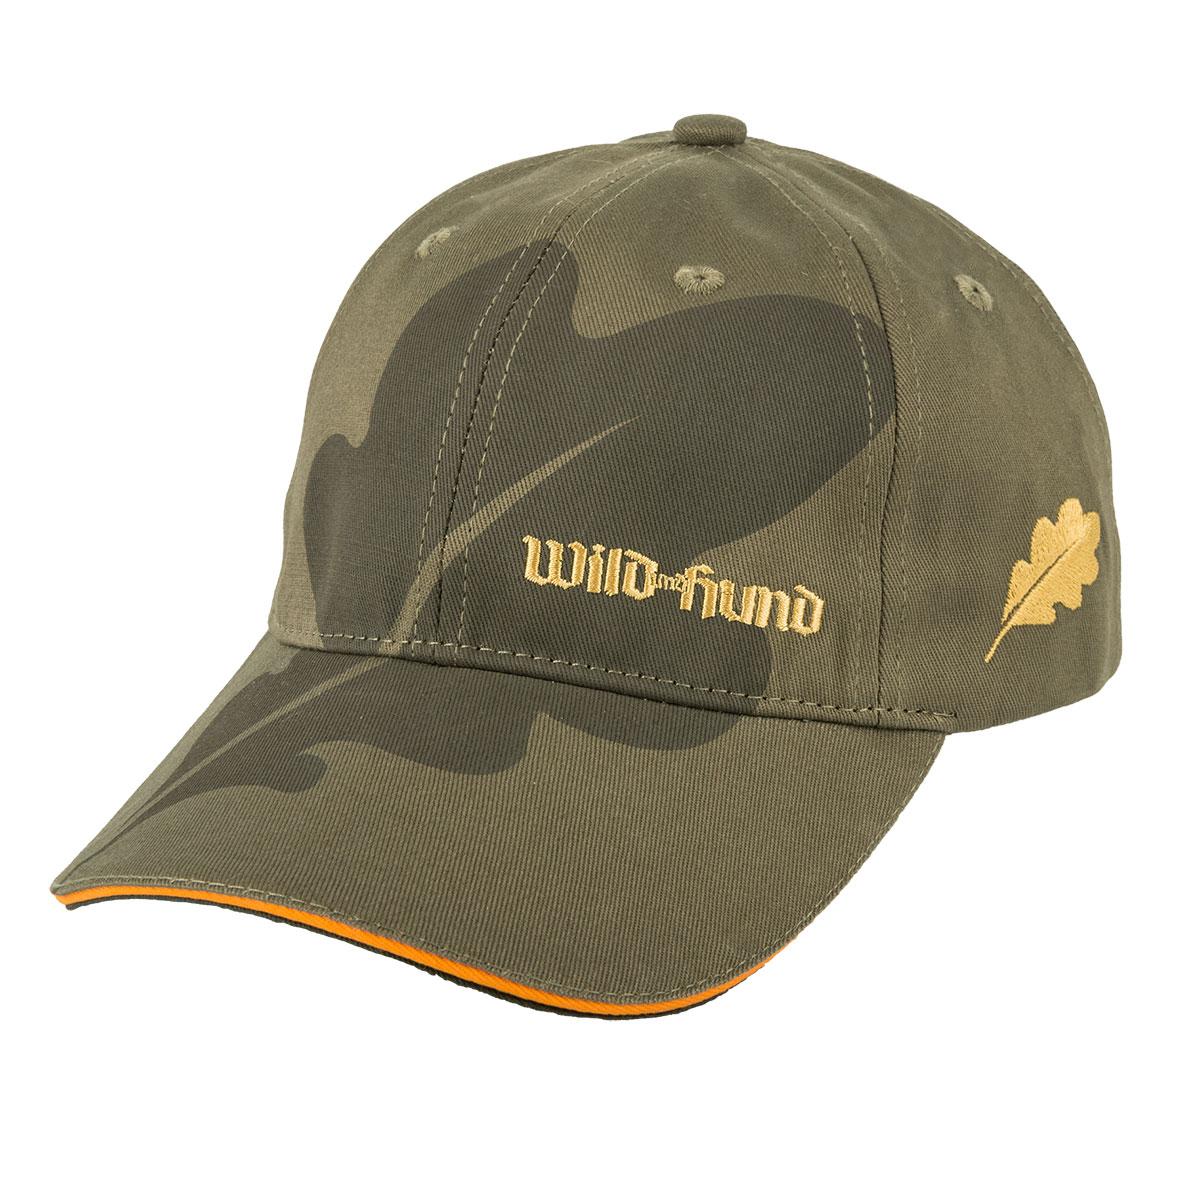 e946855cf46bae WILD UND HUND Edition: Cap (Eichenlaub) - kaufen auf Pareyshop.de